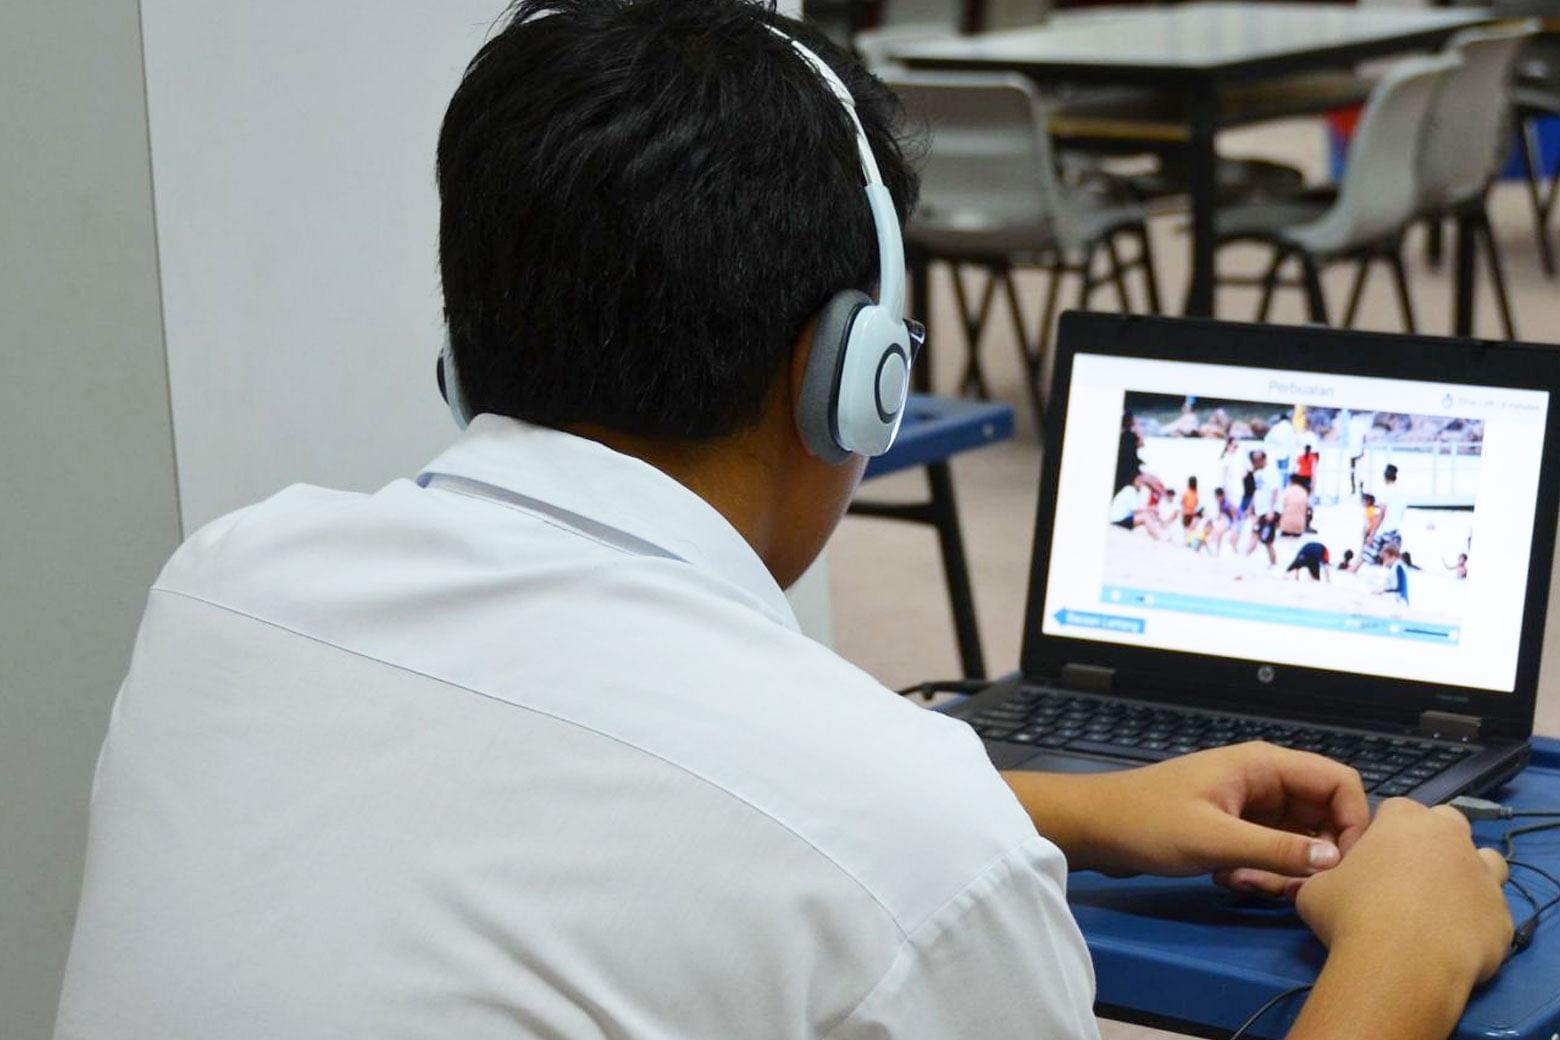 GovTech, cloud computing, education, commercial cloud